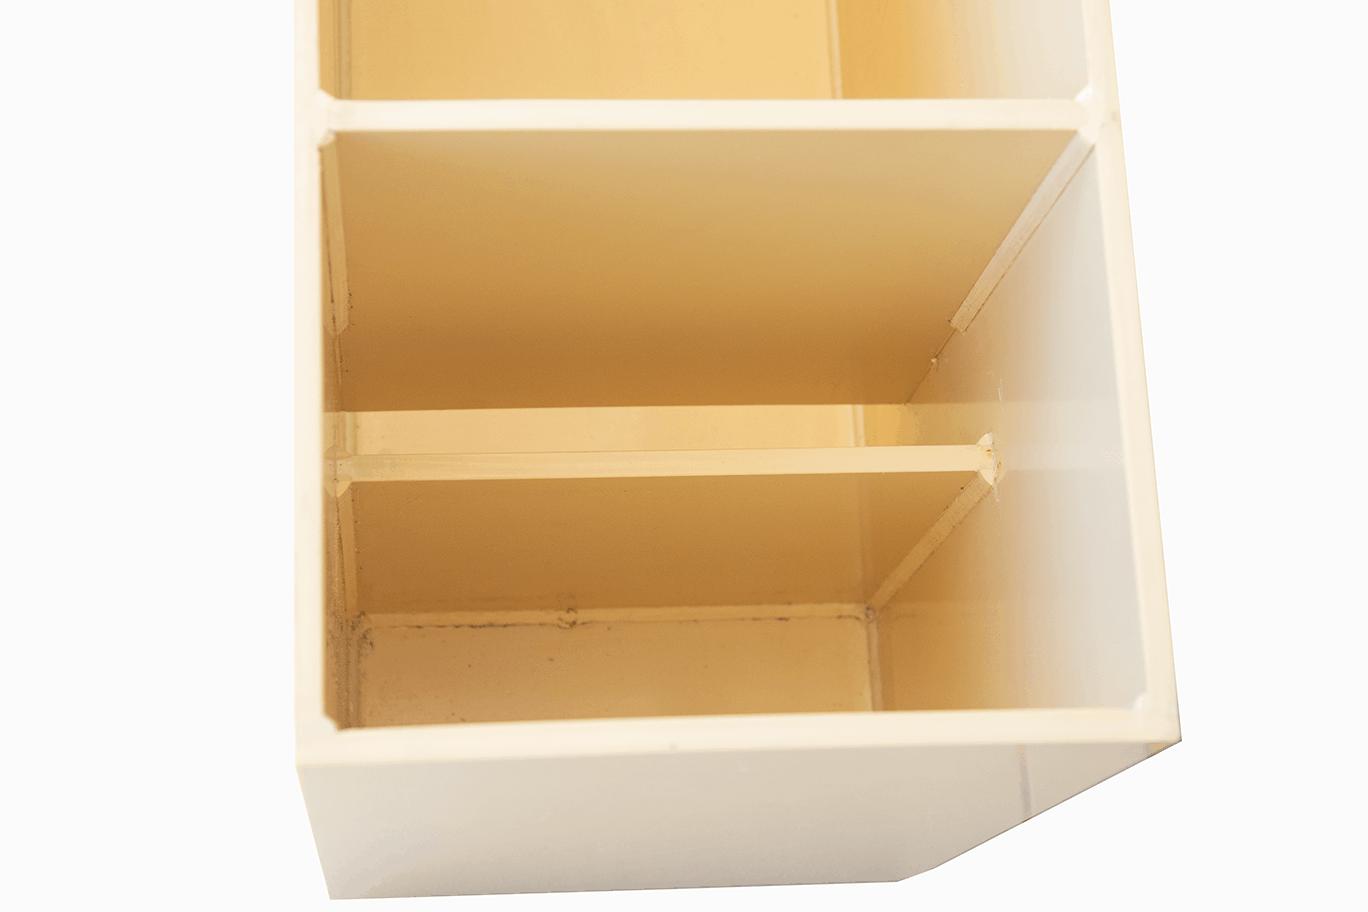 Cloisons siphoïdes à l'amont du bac jaugeur ISO 1438